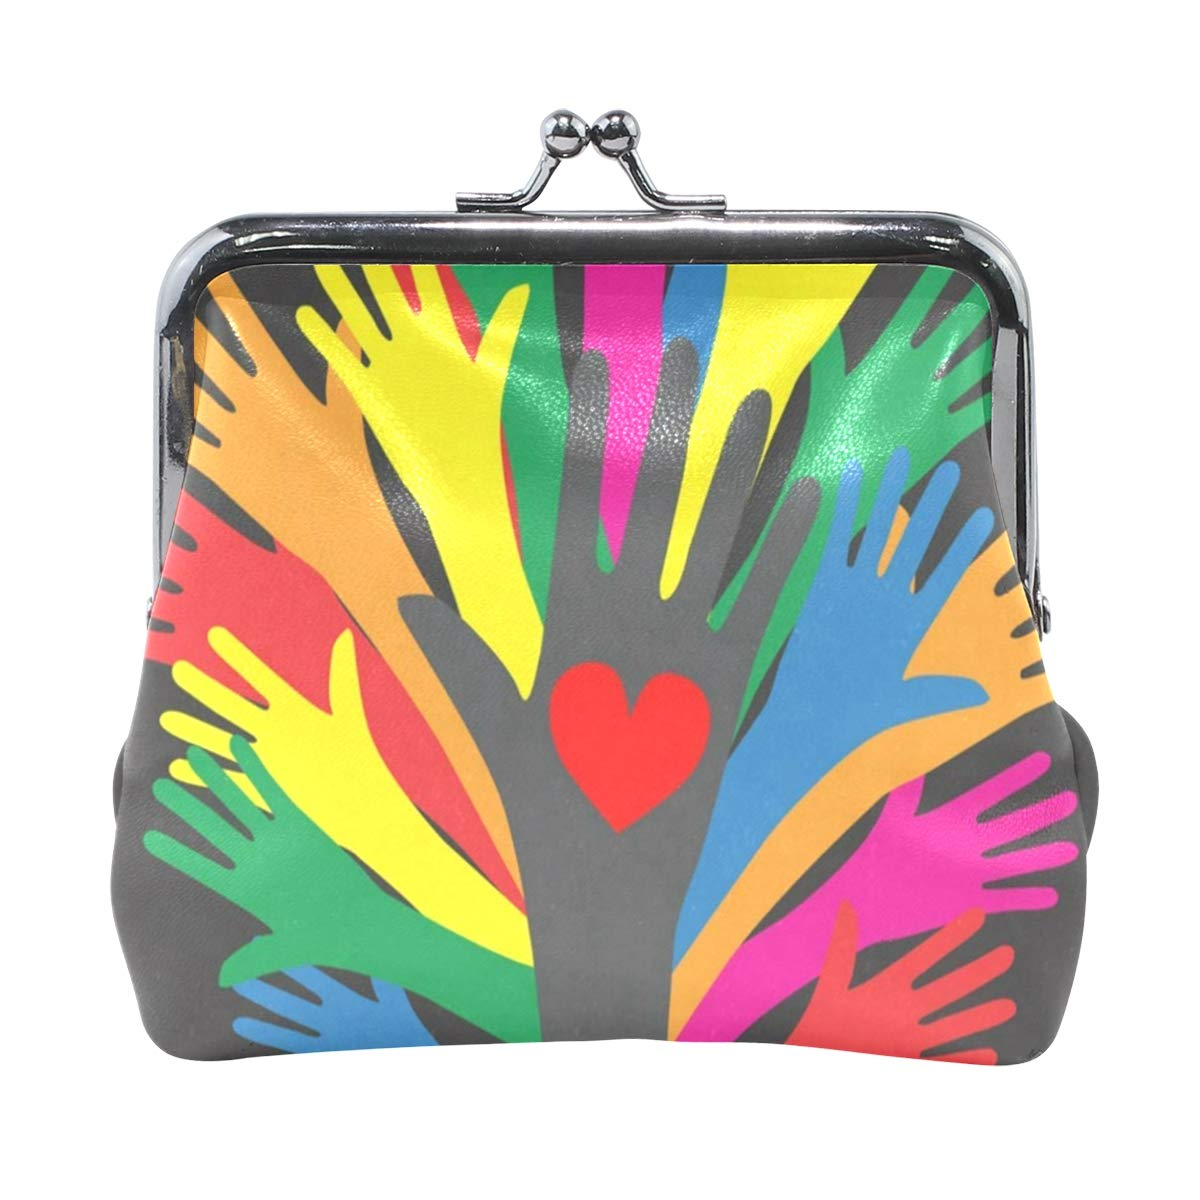 Coin Purse Reaching Hands Womens Wallet Clutch Bag Girls Small Purse